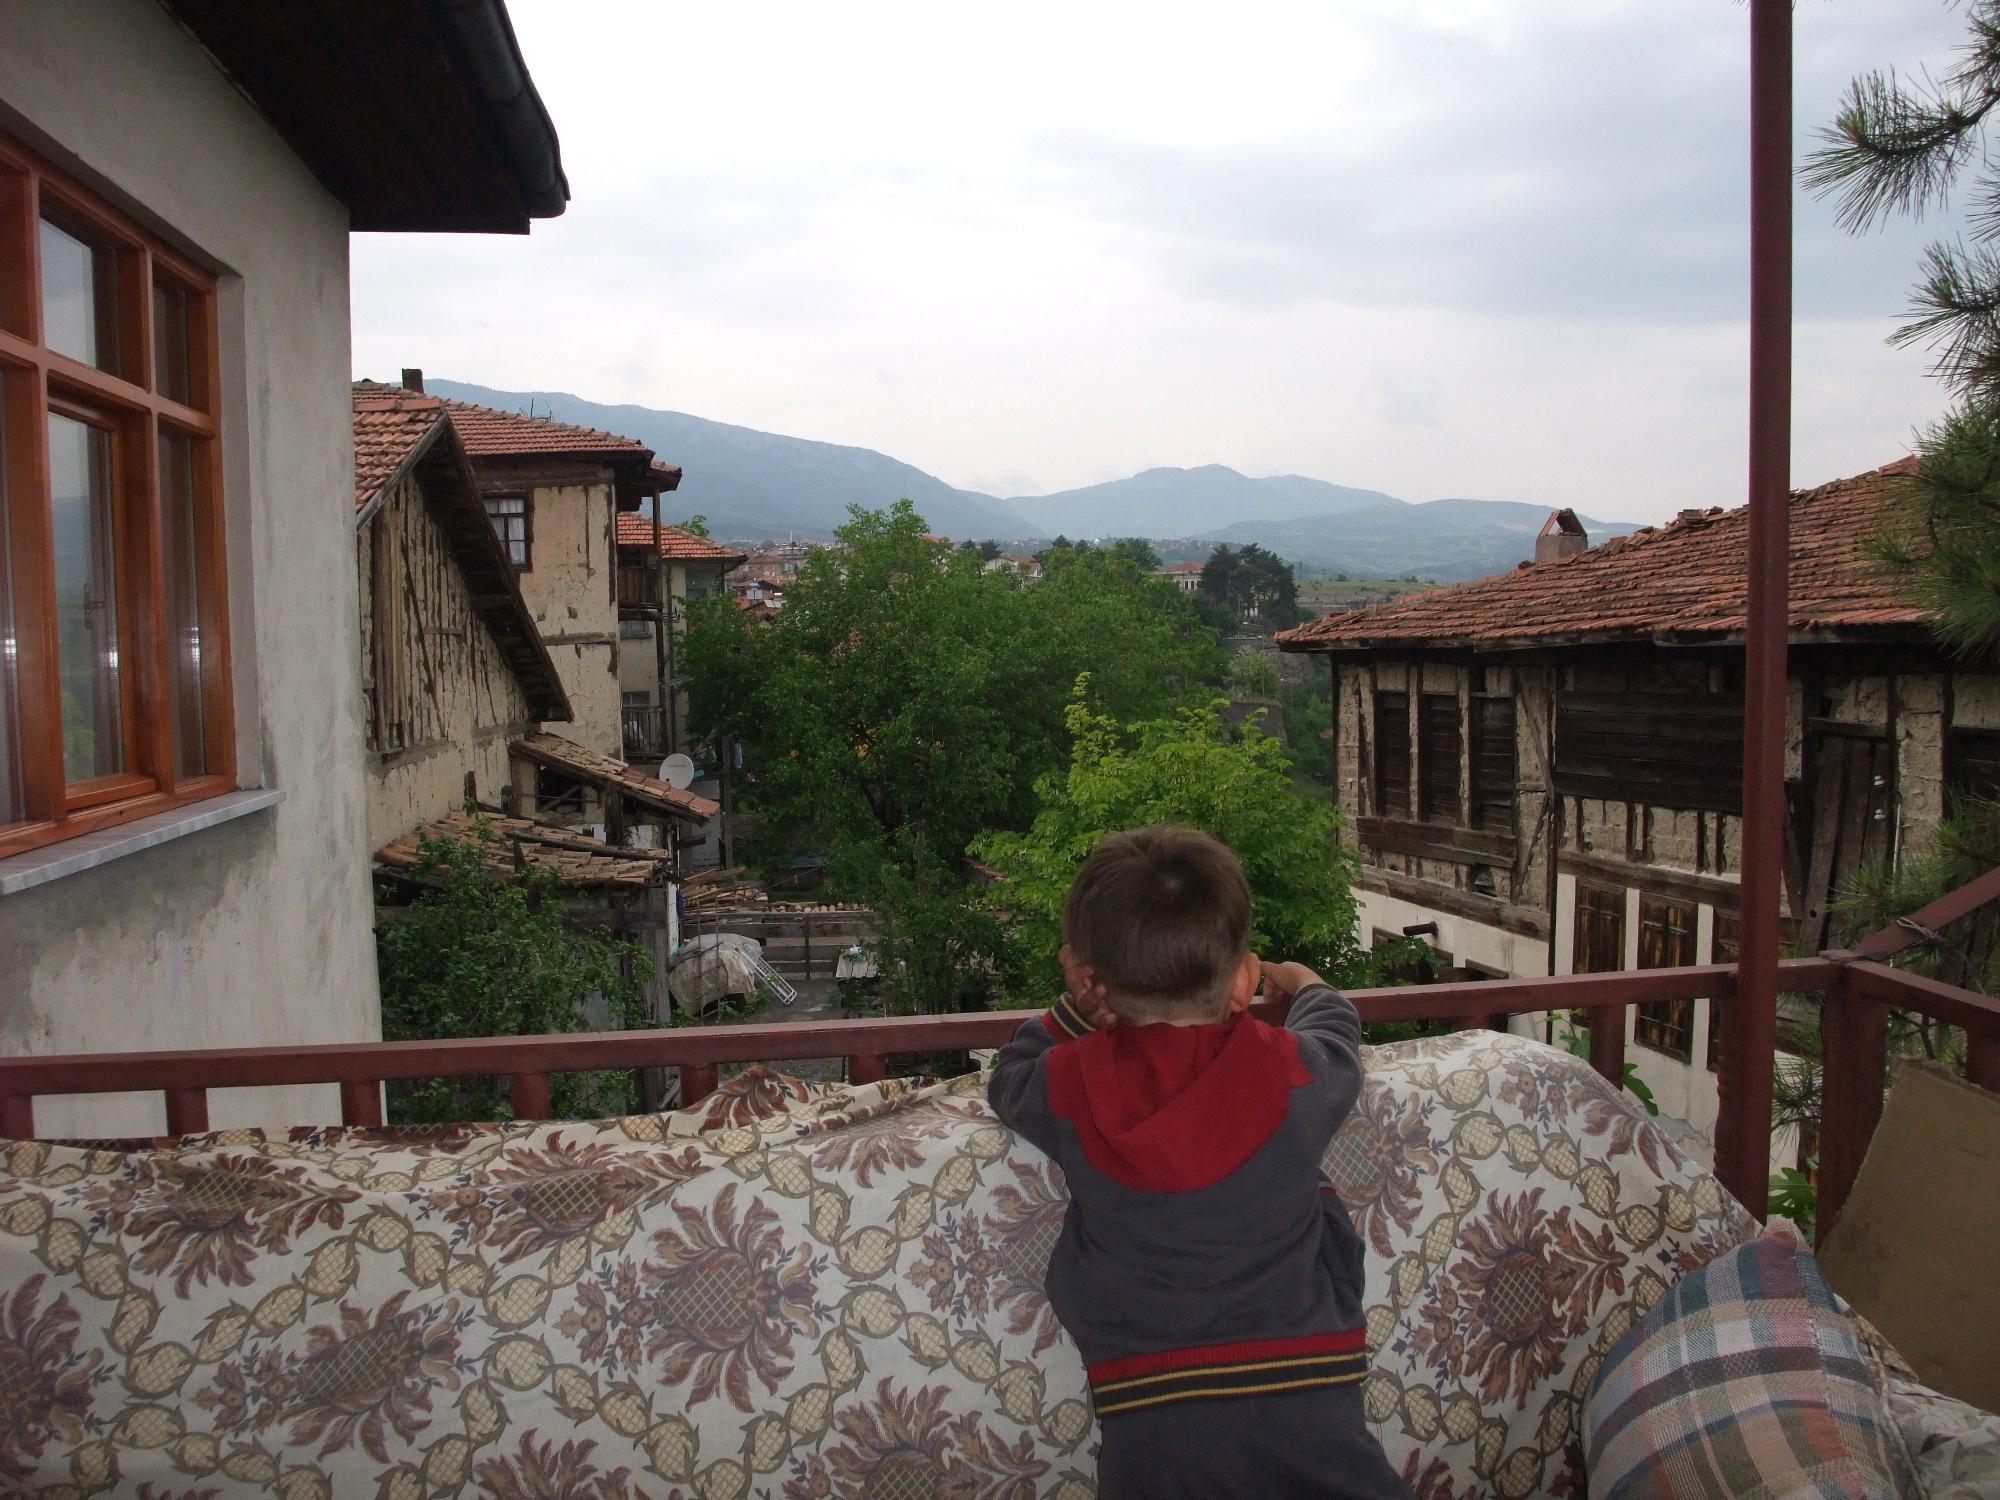 Safranbolu vom Balkon aus betrachtet